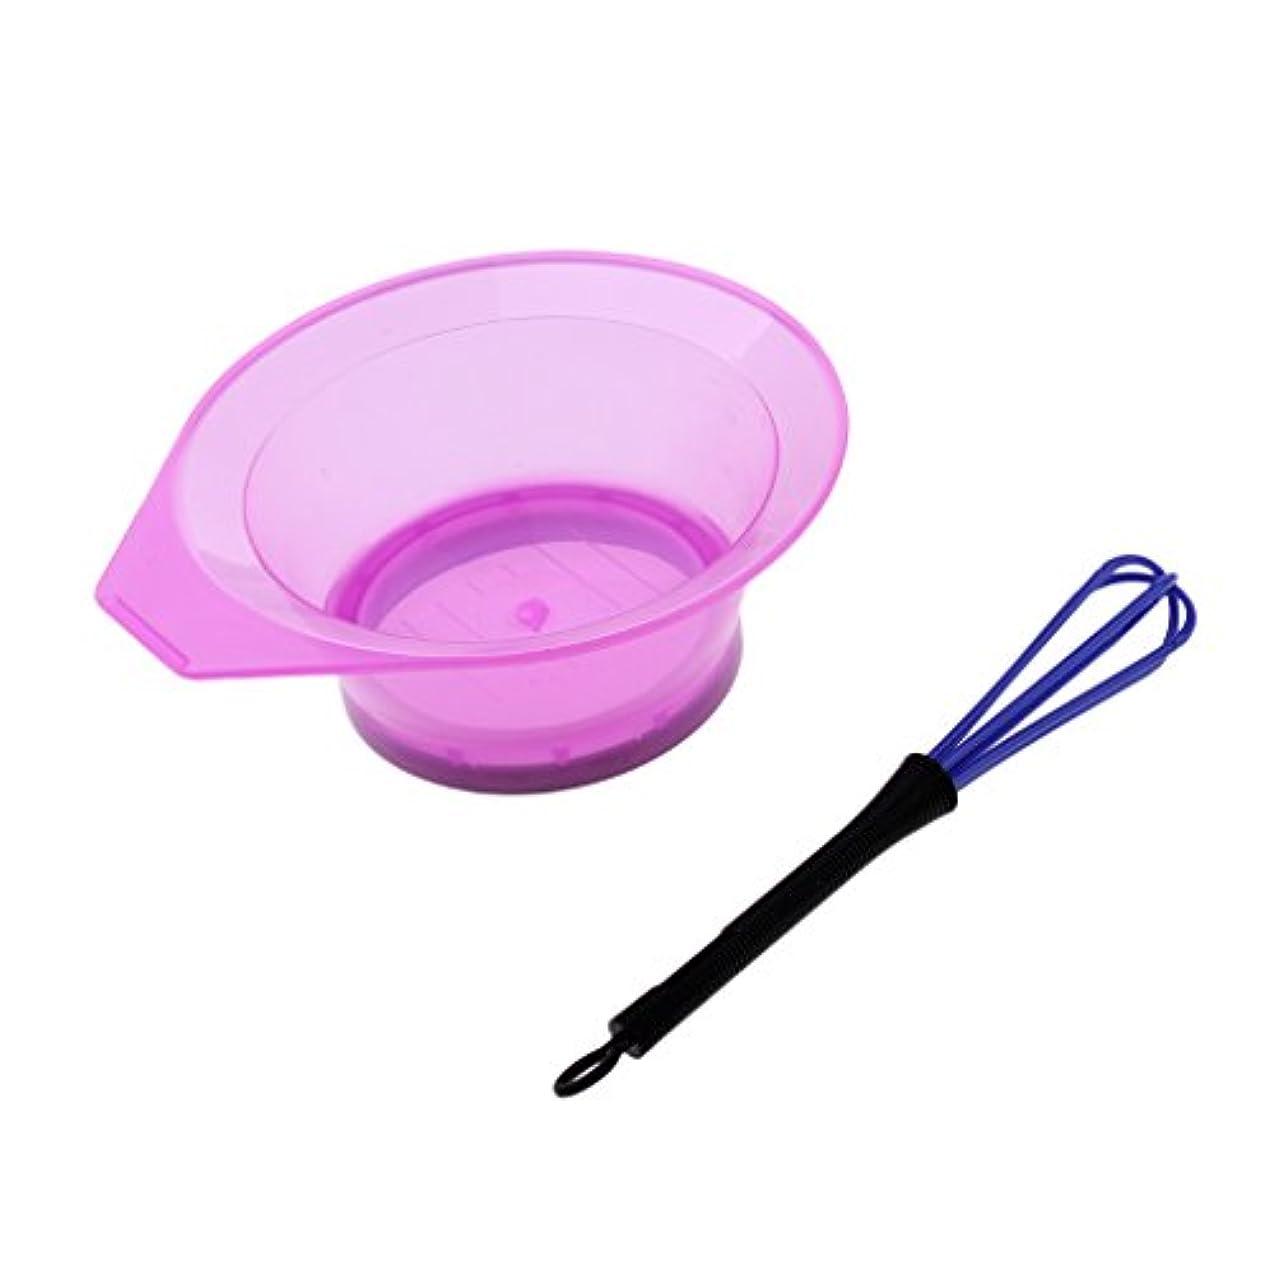 逃れる銅フットボールヘアカラーボウル おしゃれ染め ボウル ミキサー攪拌機 洗濯可能 速乾性 耐久性